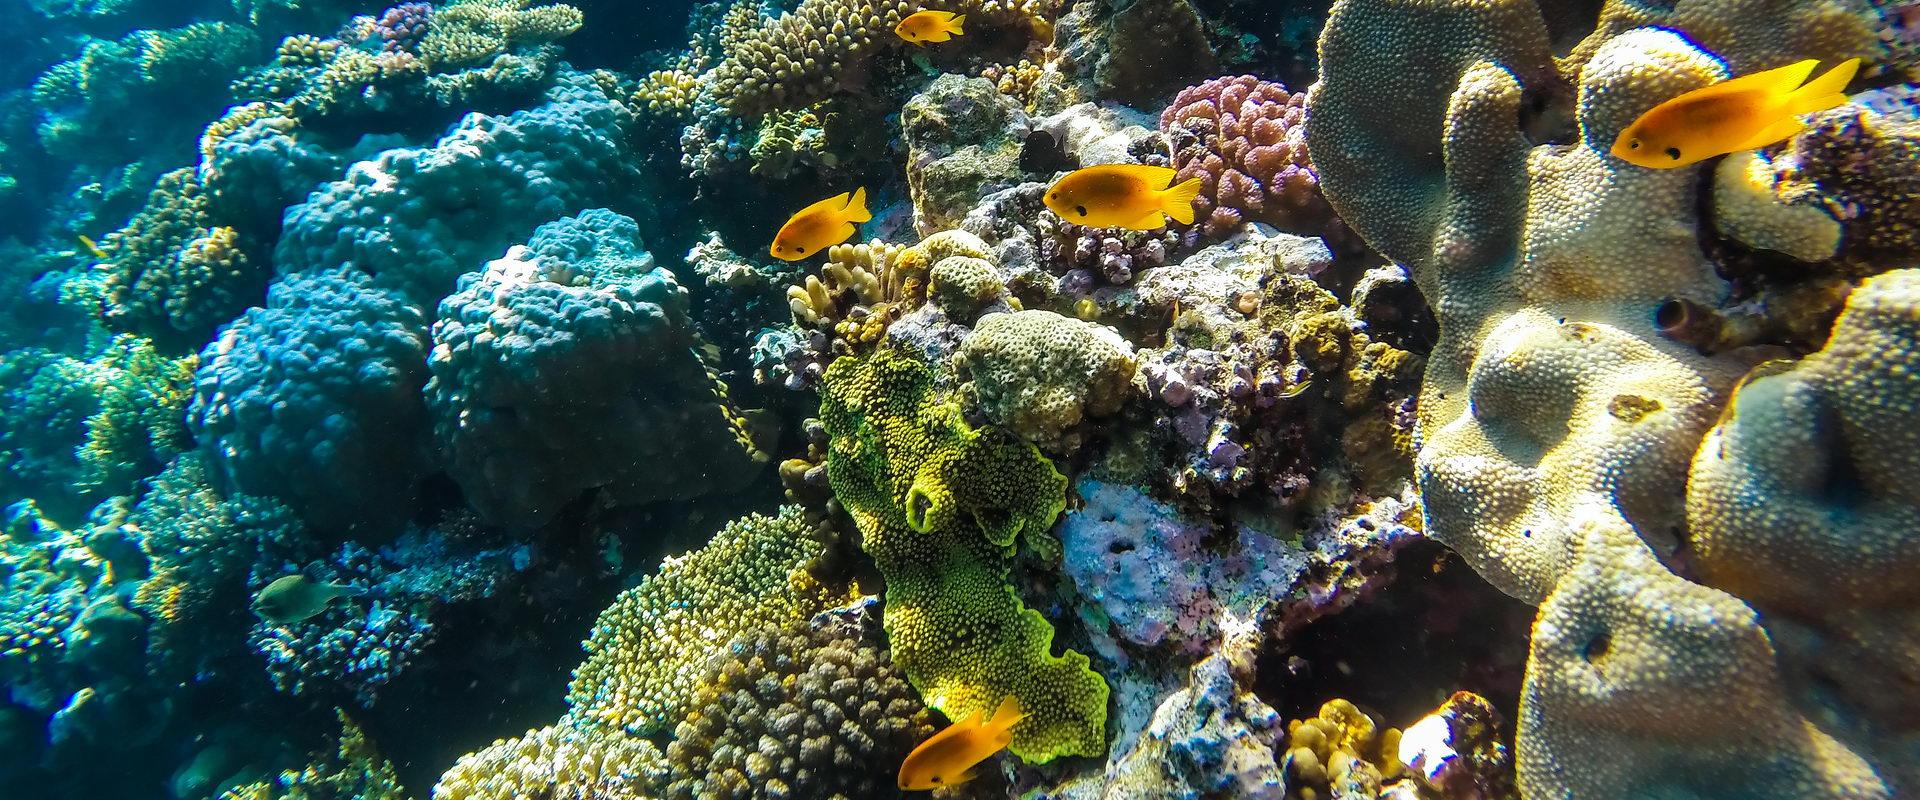 Trend Travel Yachting Kabinencharter, Mitsegeln und Schnorcheln, die Unterwasserwelt erleben